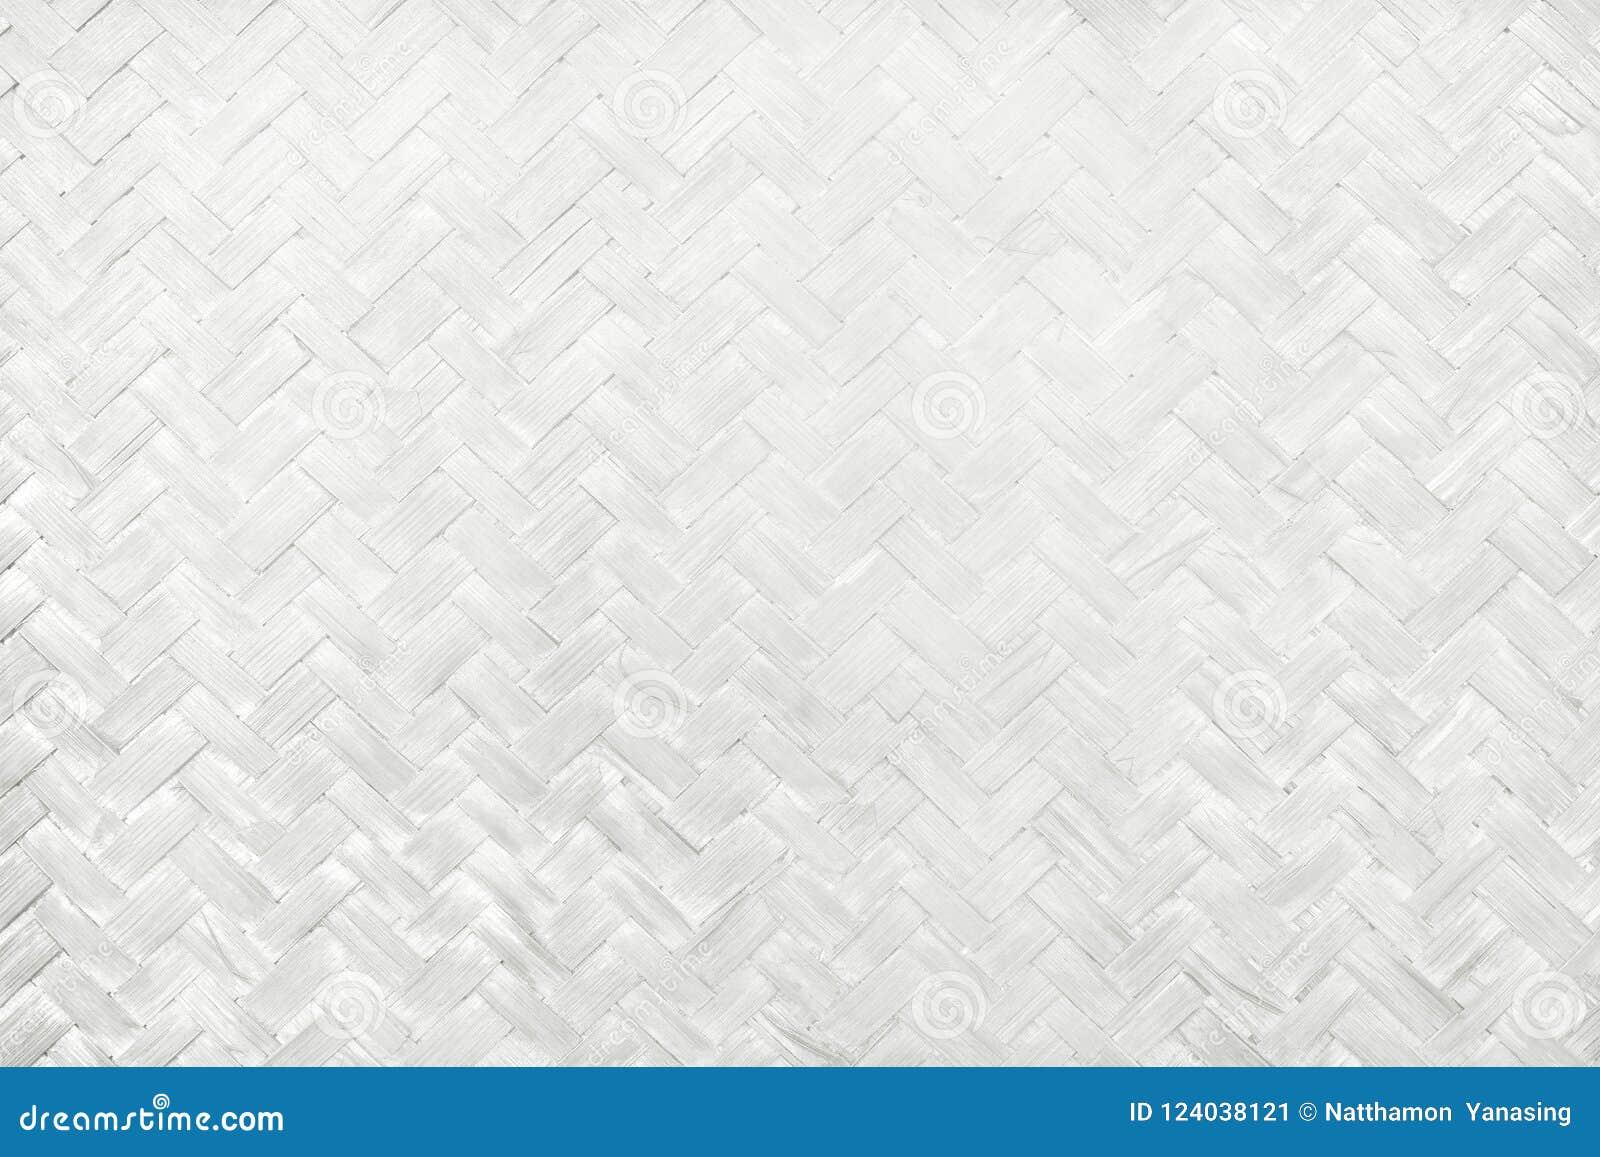 Teste padrão de tecelagem de bambu branco, textura tecida da esteira do rattan para o fundo e trabalho de arte do projeto